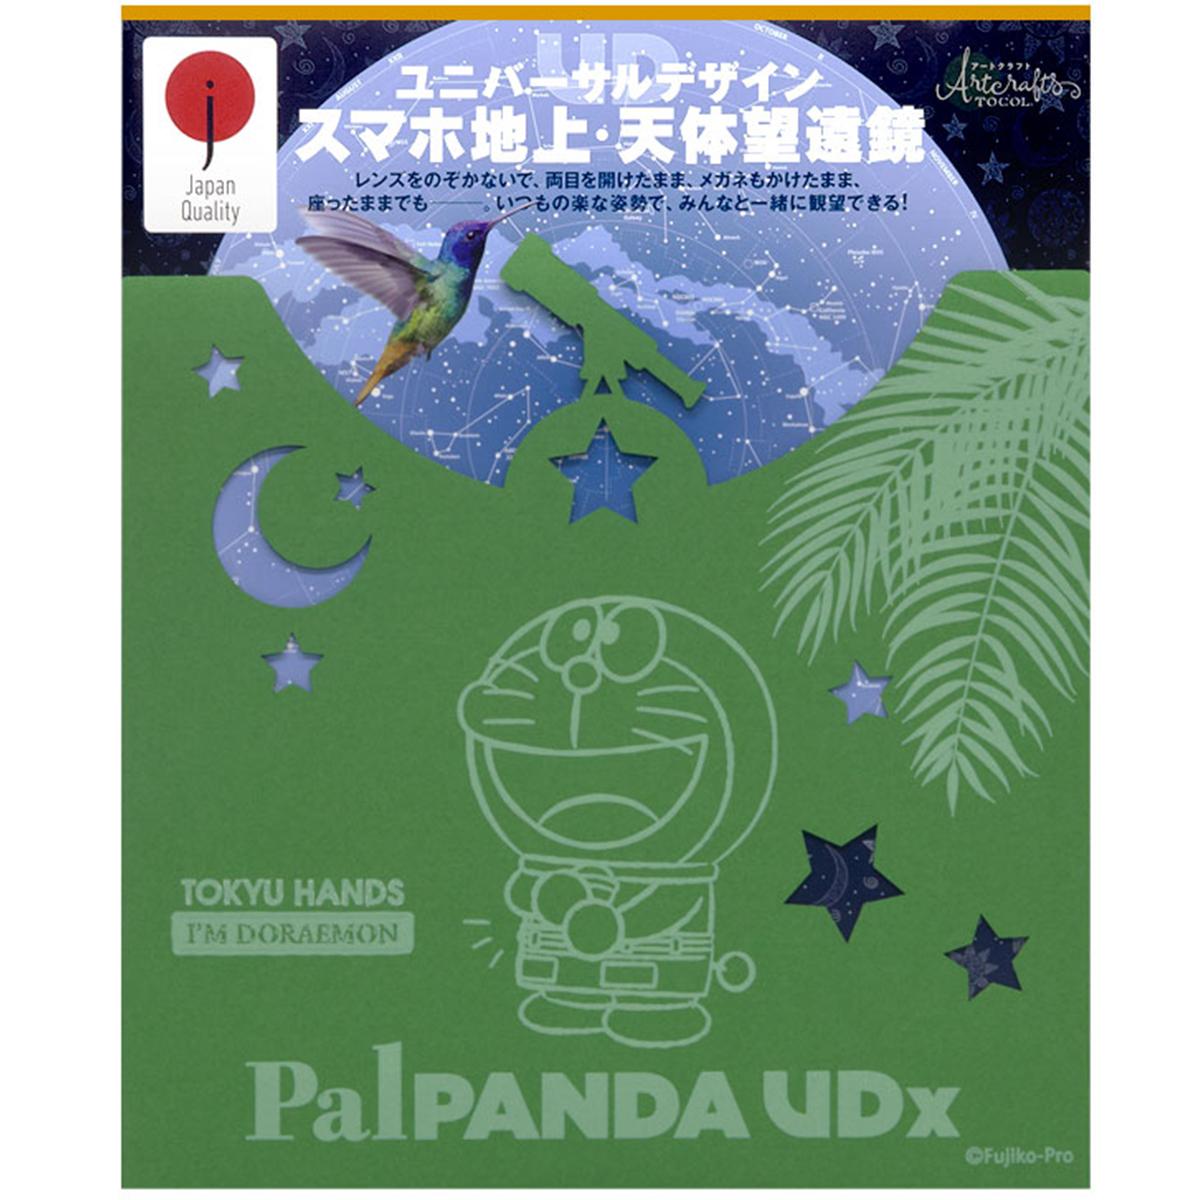 スマホ天体望遠鏡PalPANDA